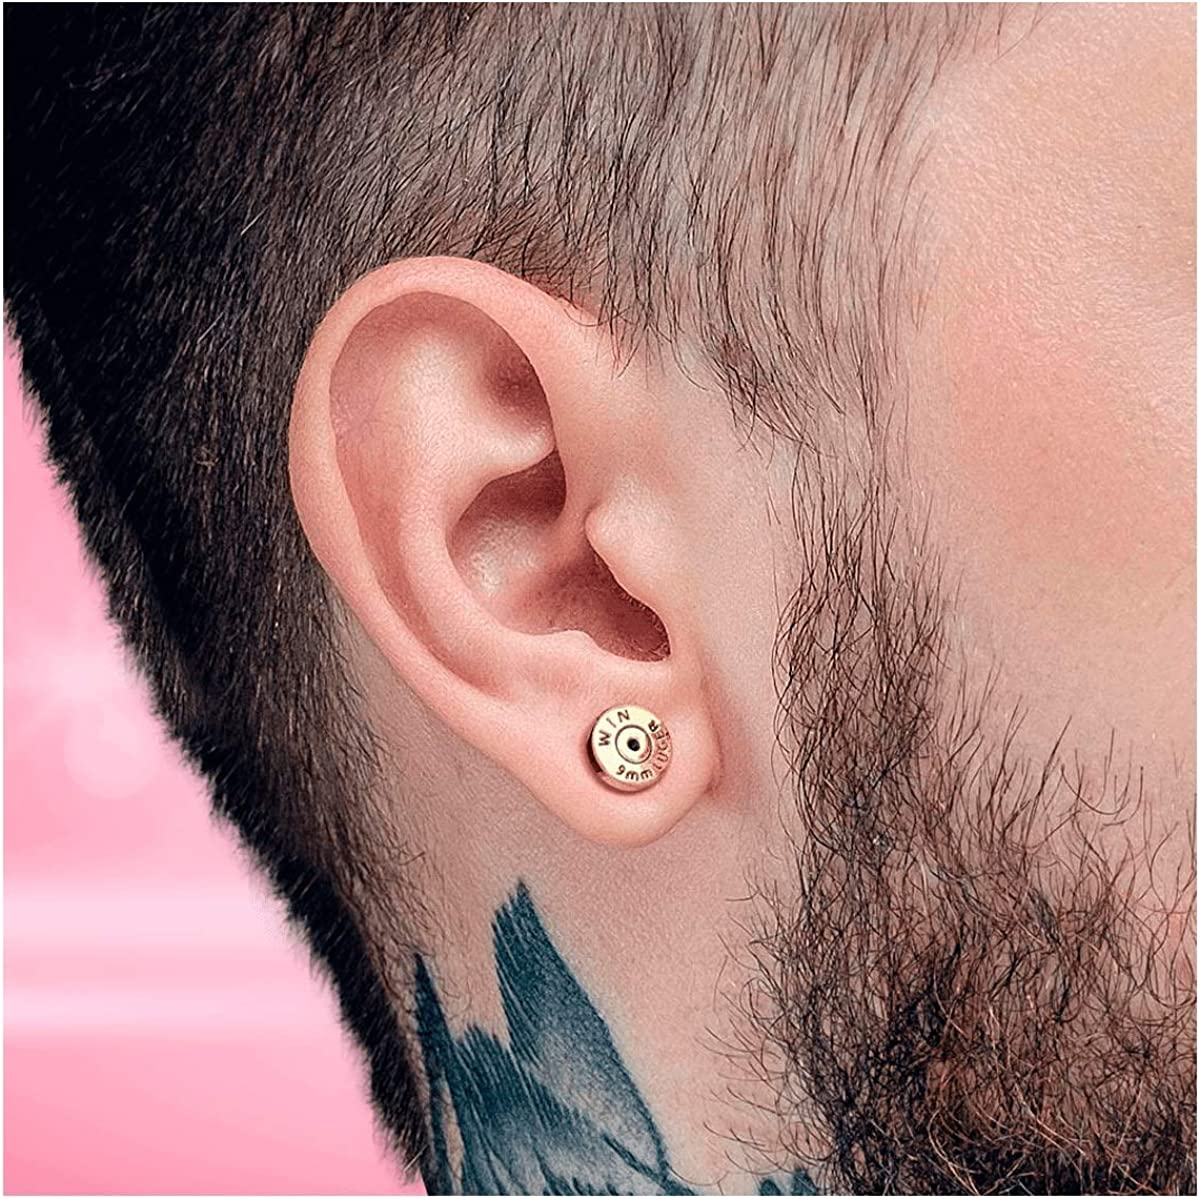 Internally Threaded Labret Ear Cartilage Stud with Bullet Back Casing Design Sur